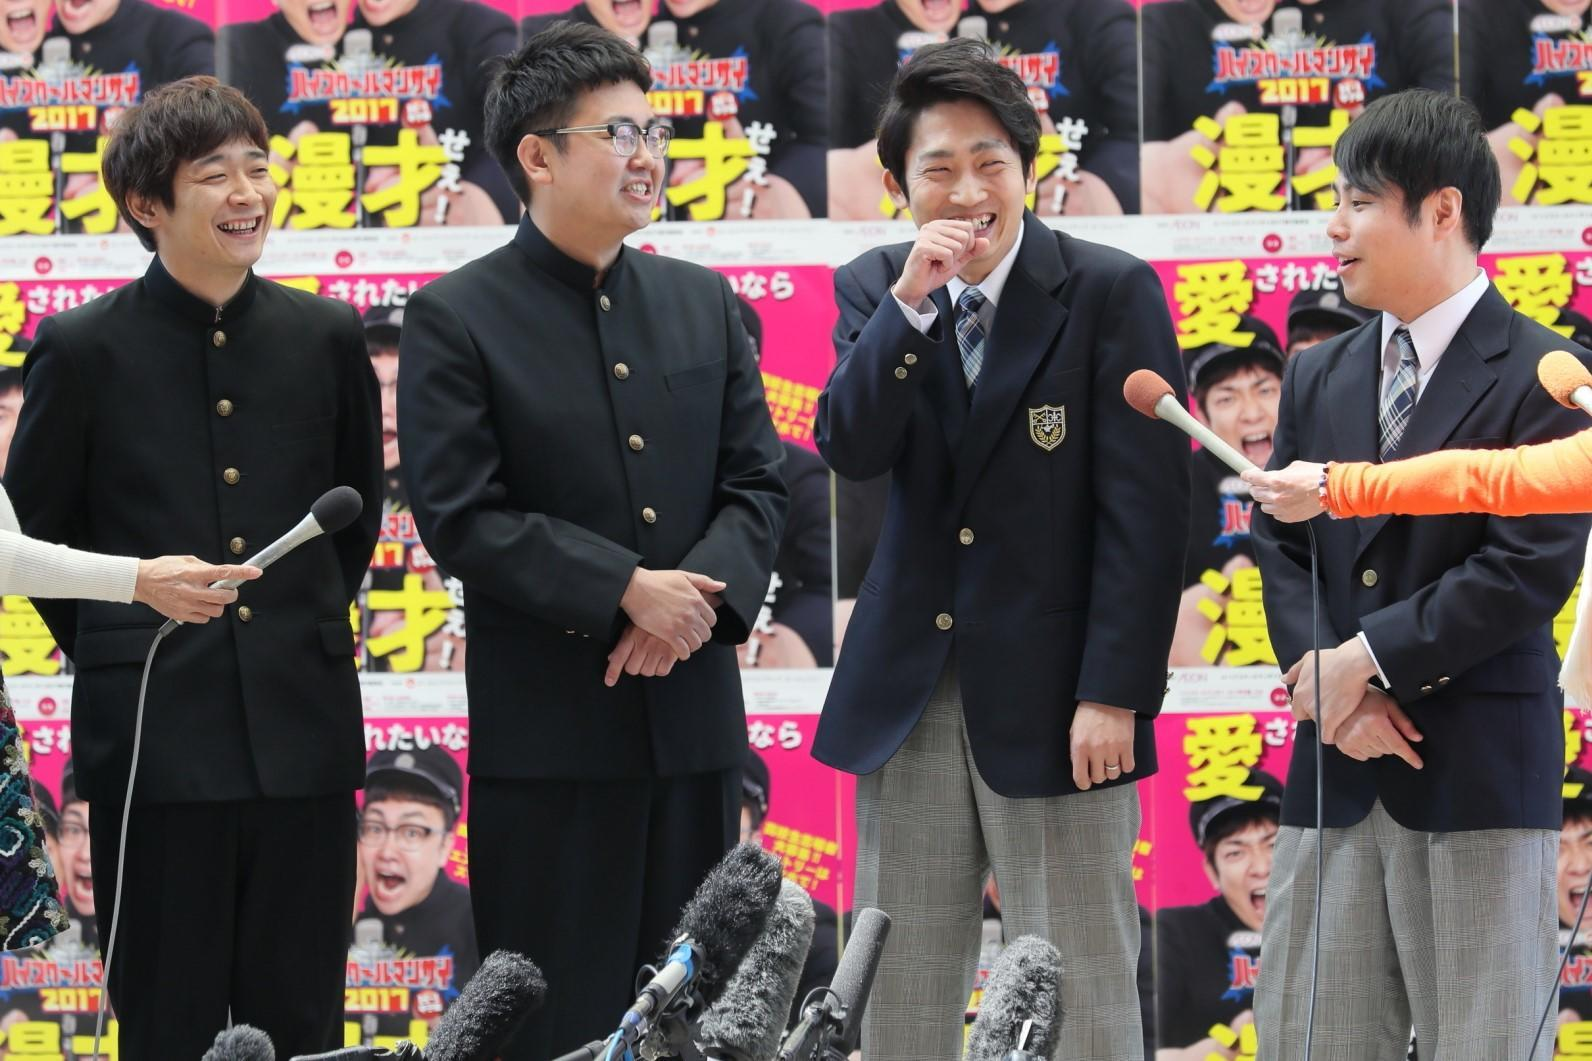 http://news.yoshimoto.co.jp/20170413154238-8577d1d7a074c75321cfc46cd7ce29977ec95b41.jpg